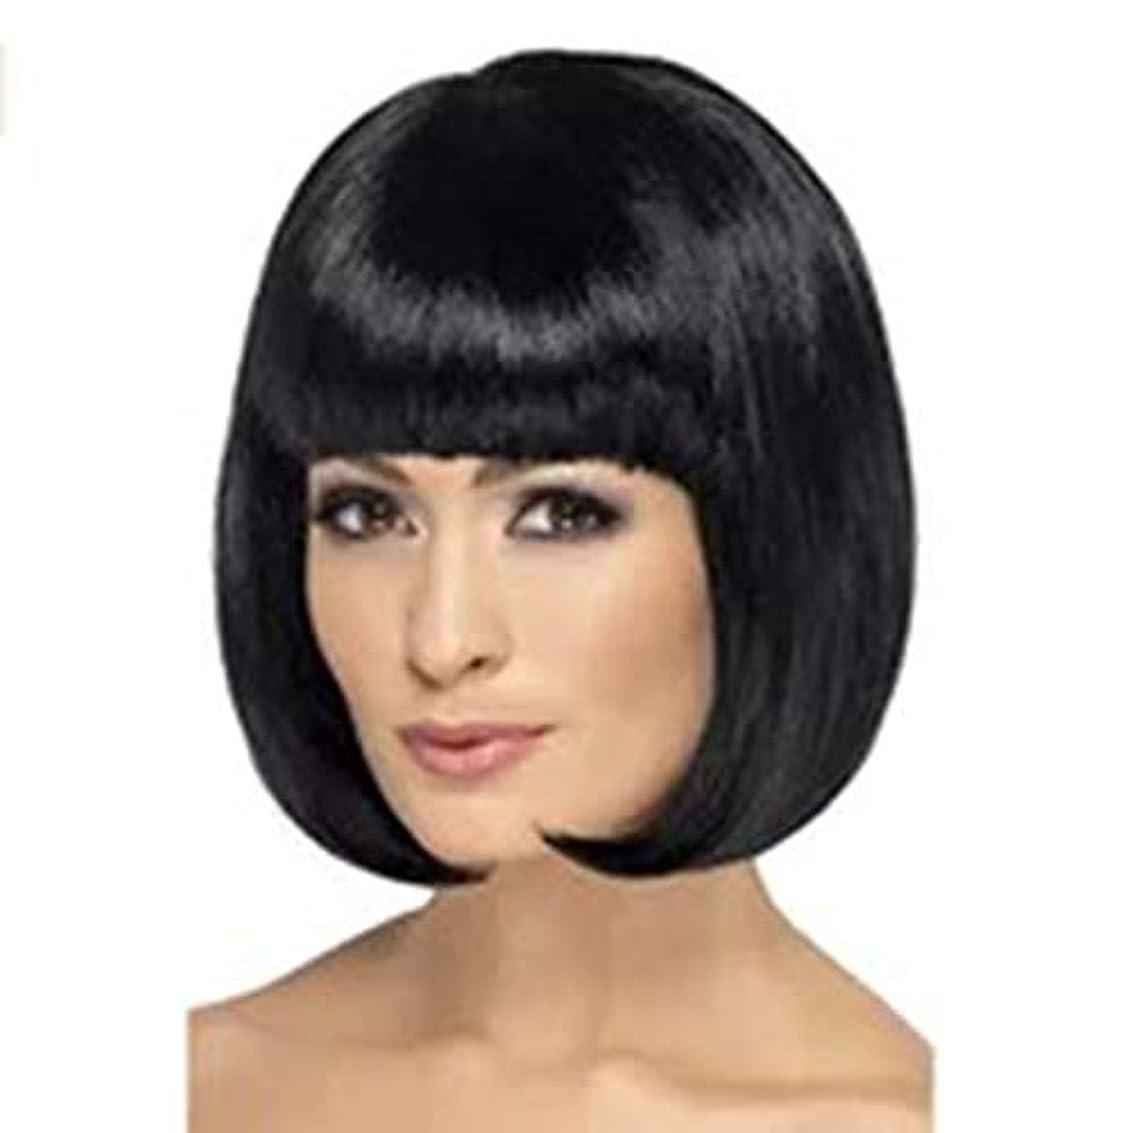 なめらかなボーナス悲しいKerwinner ボブかつら女性のための平らな前髪ふわふわ自然耐熱交換かつら完全な合成かつら